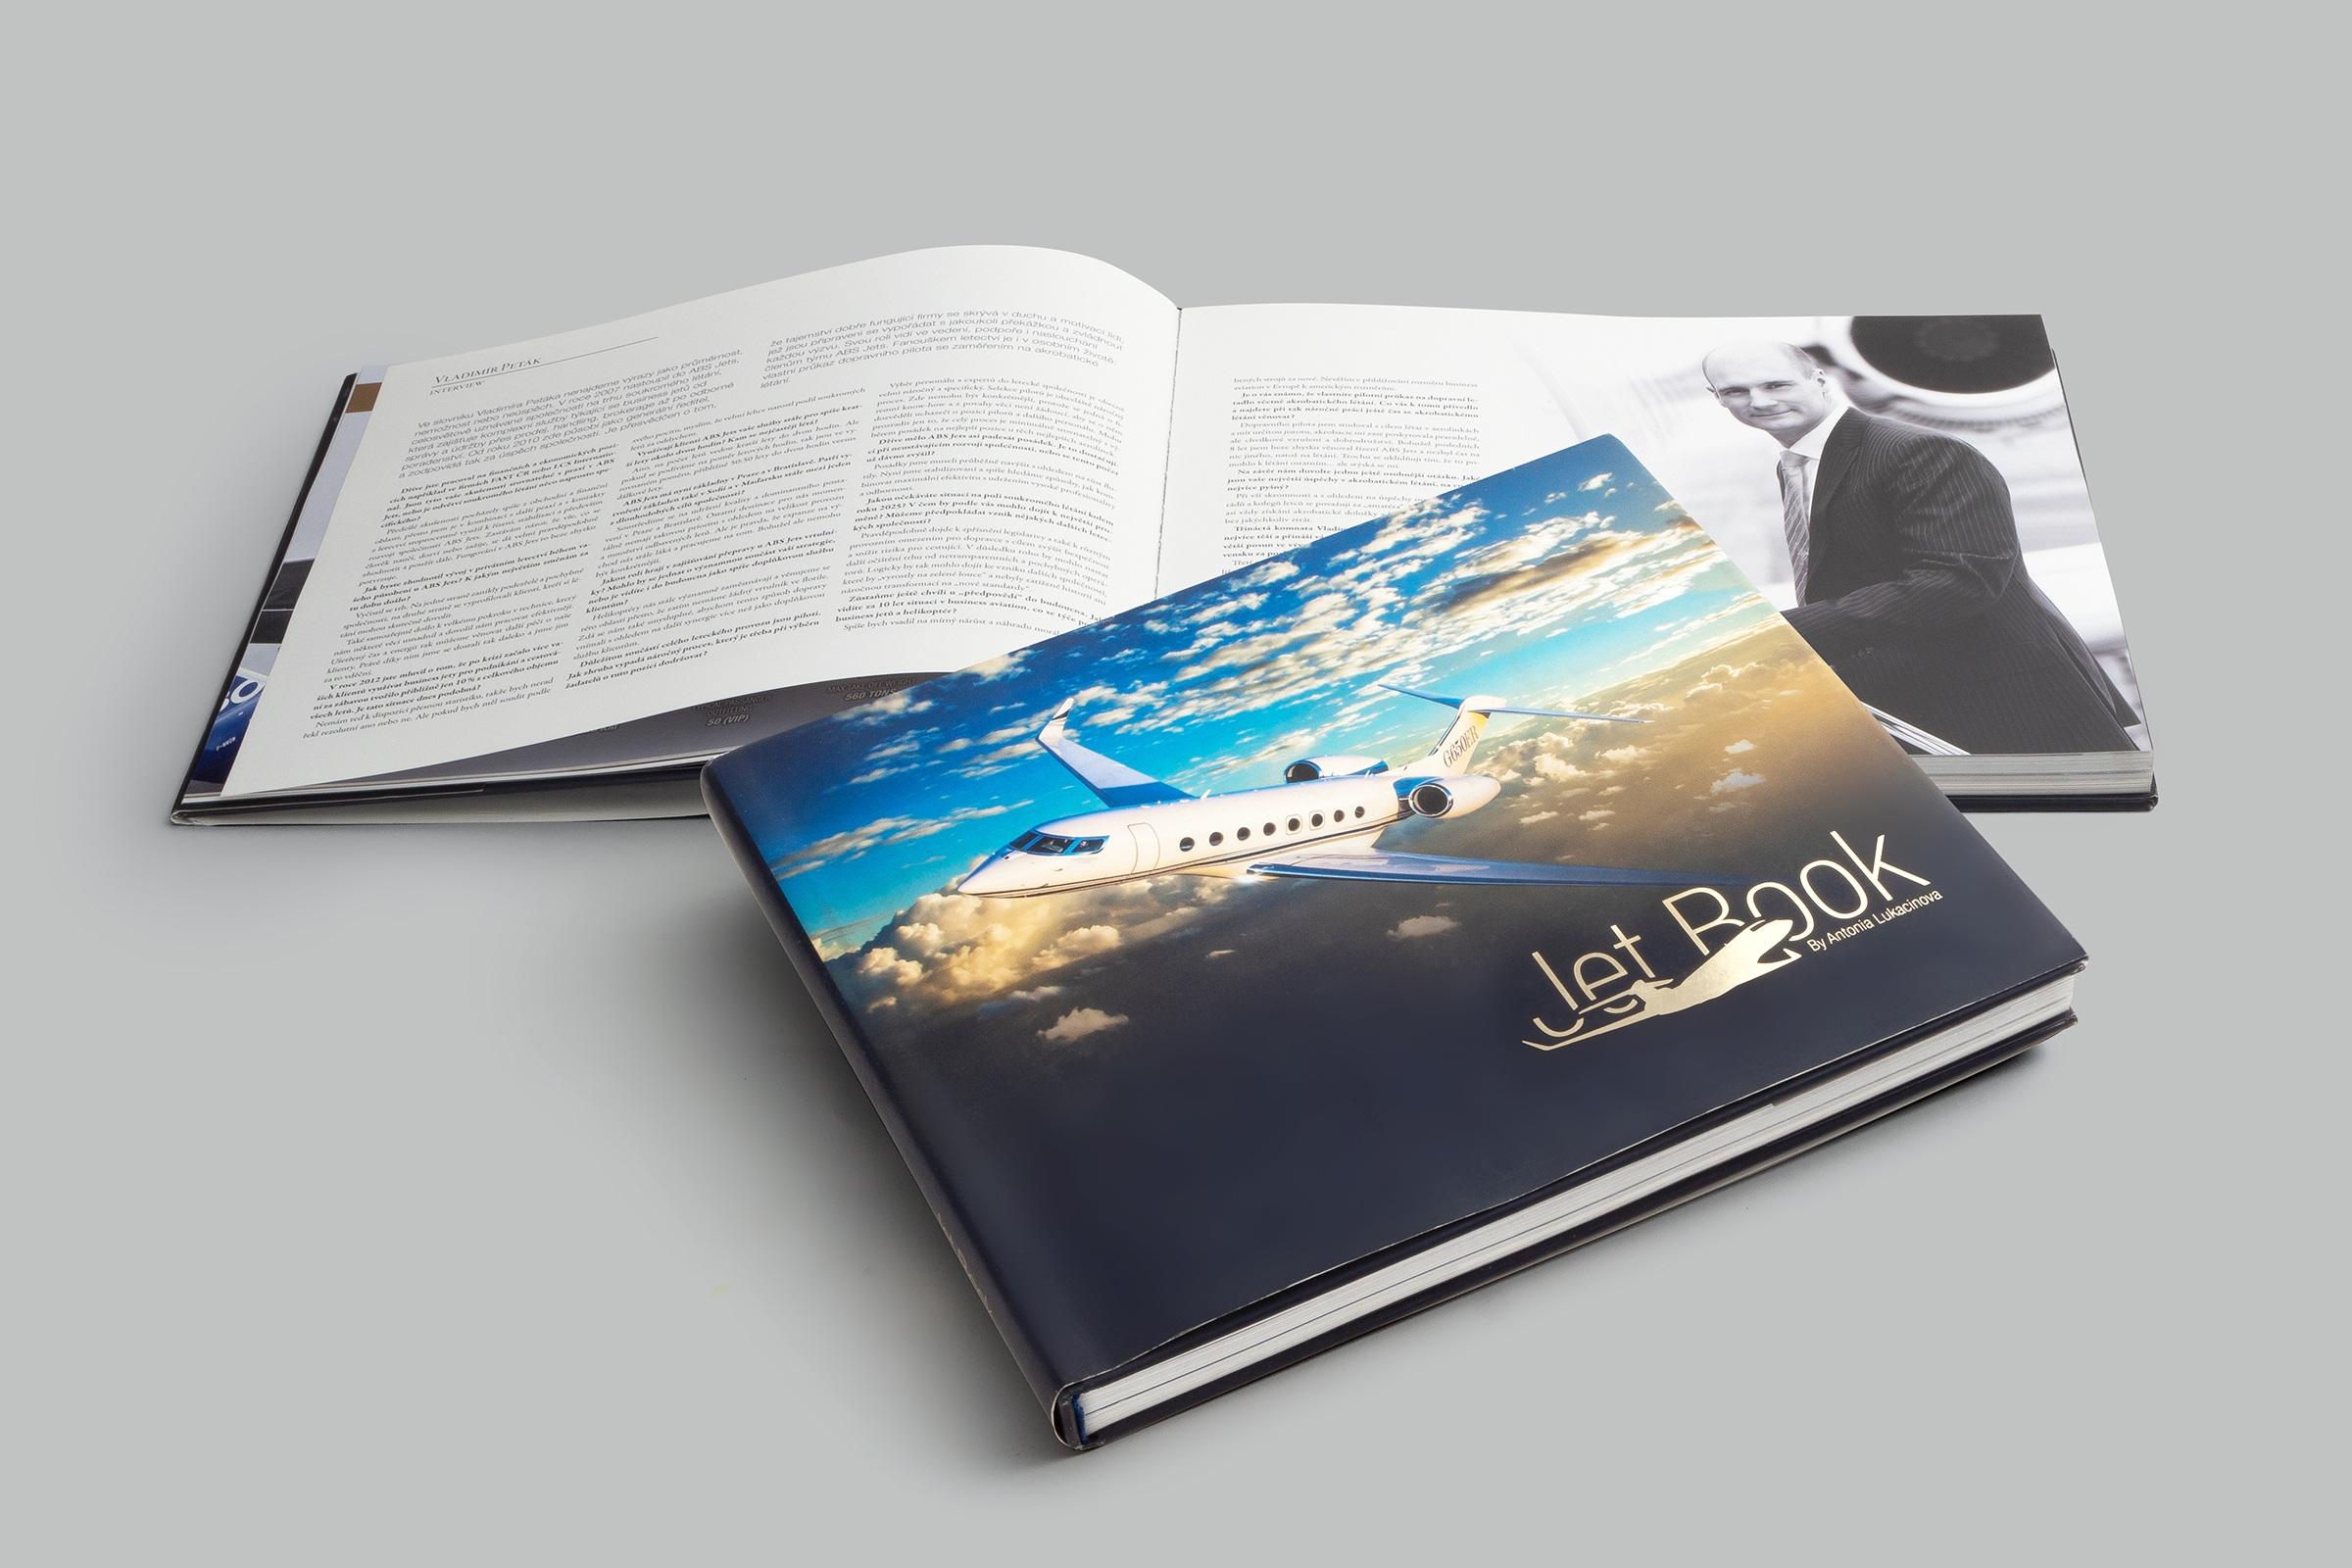 PRESTIŽNÍ reklamní KATALOG - Katalog letadel, prestižní prezentační kniha,šitá vazba v tvrdých deskách s přebalem a zlatou ražbou.